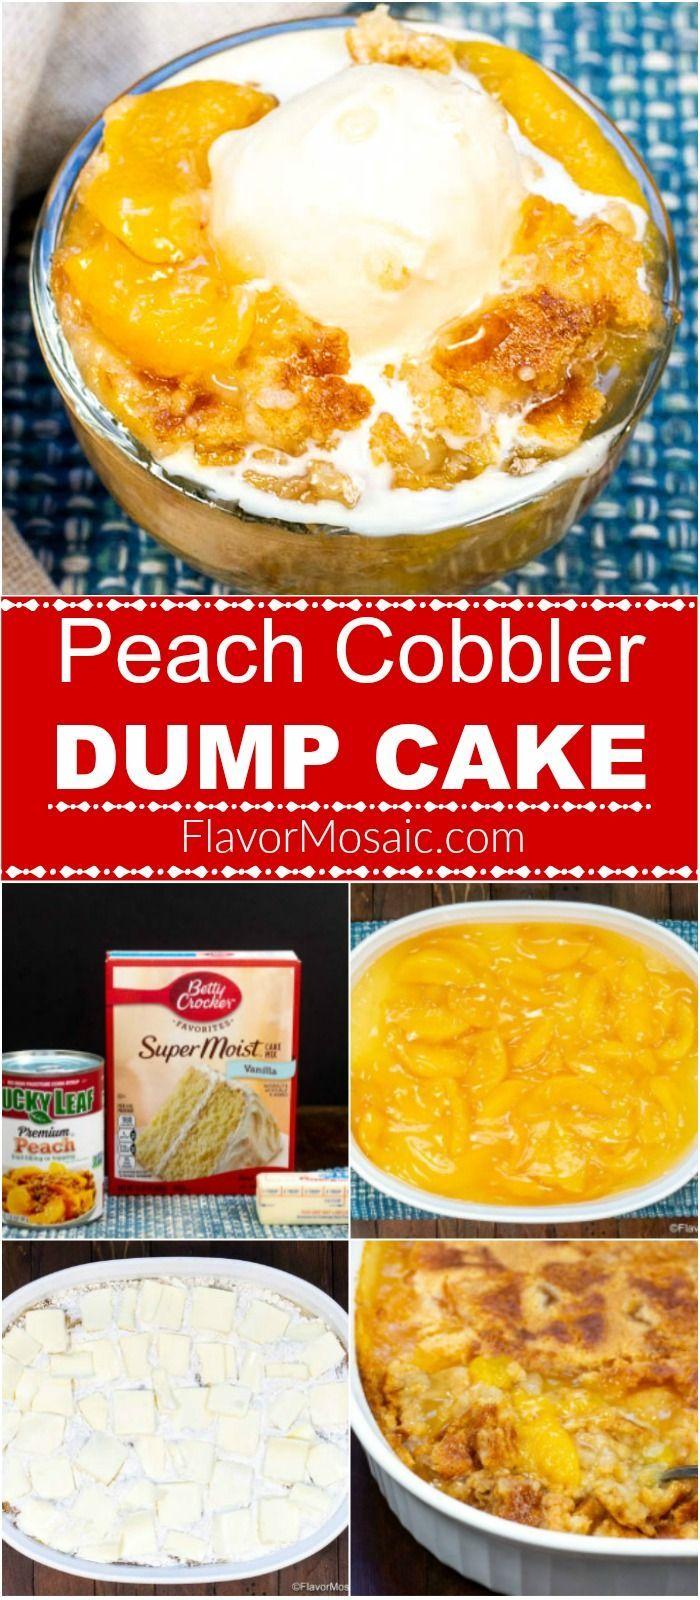 Peach Cobbler Dump Cake - Flavor Mosaic